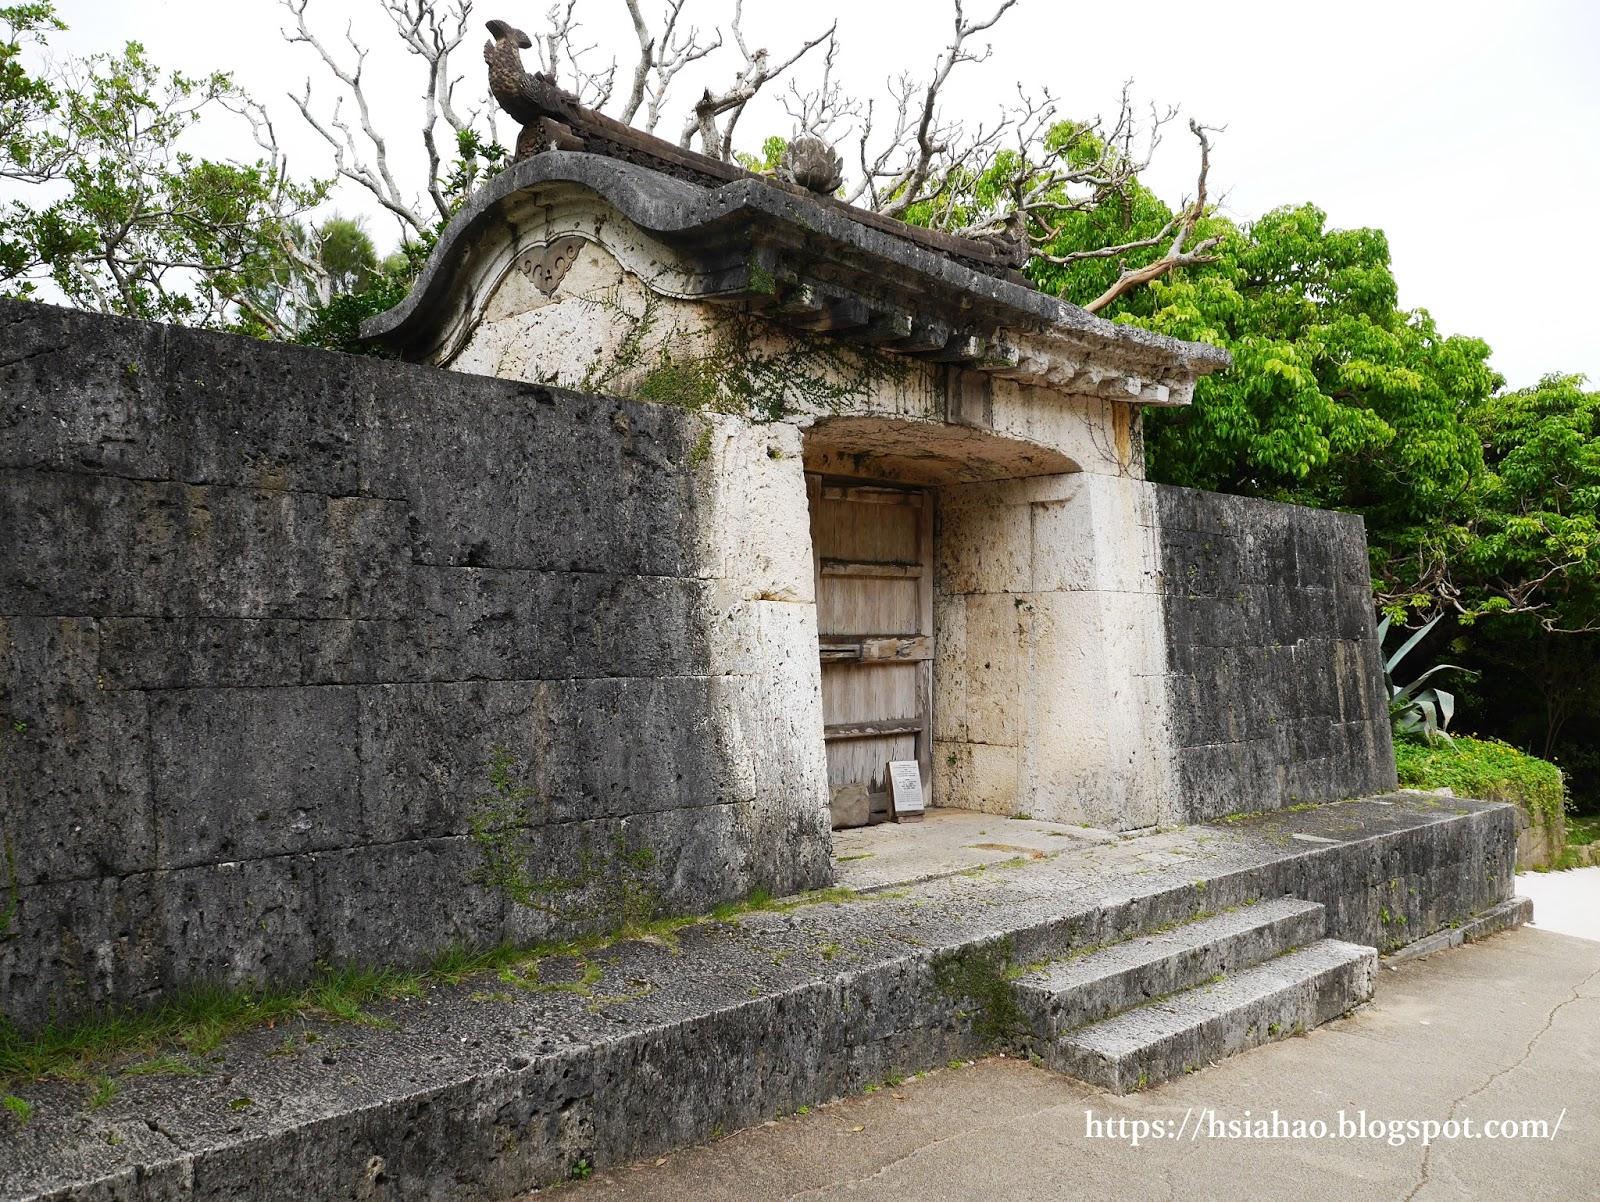 沖繩-景點-園比屋武禦嶽-世界遺產-首里城-自由行-旅遊-旅行-Okinawa-Naha-Shuri-Castle